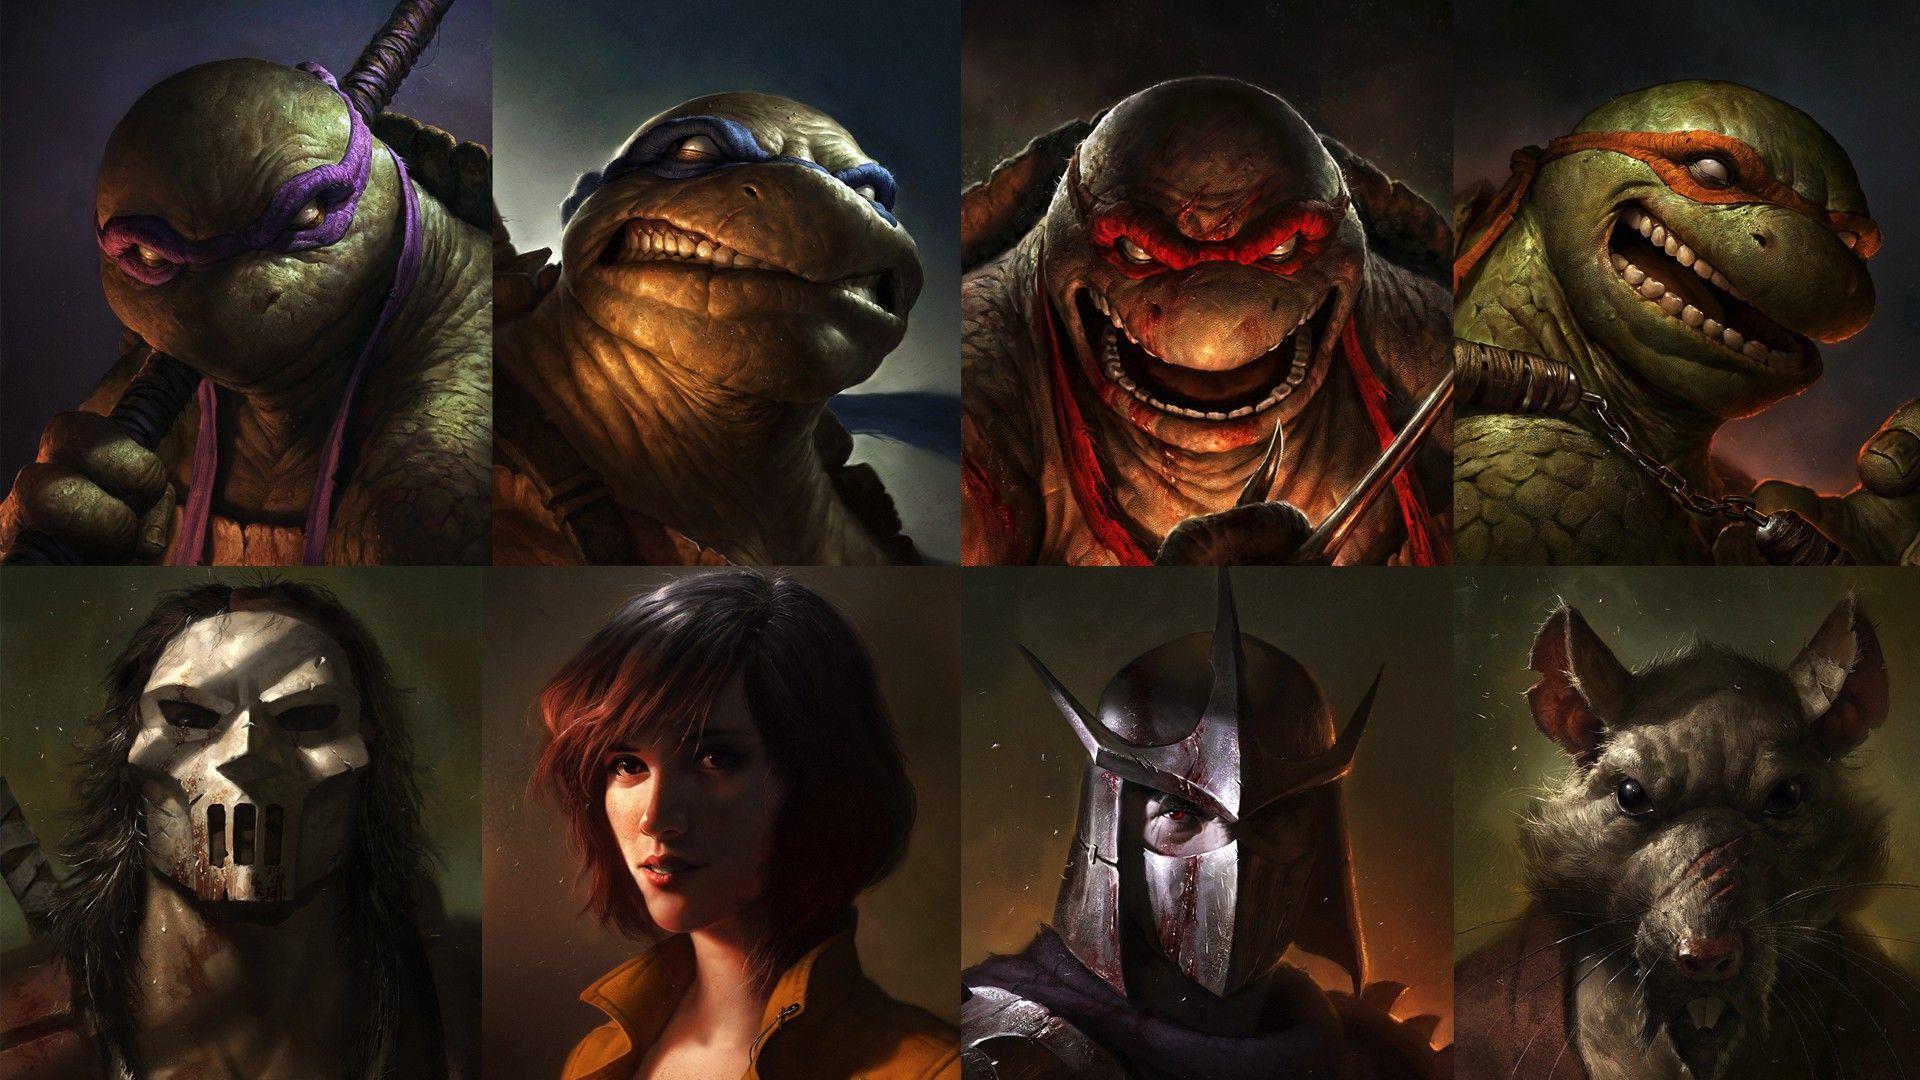 Ninja Turtle Cast Ninja Turtles Movie Teenage Mutant Ninja Turtles Ninja Turtles Art